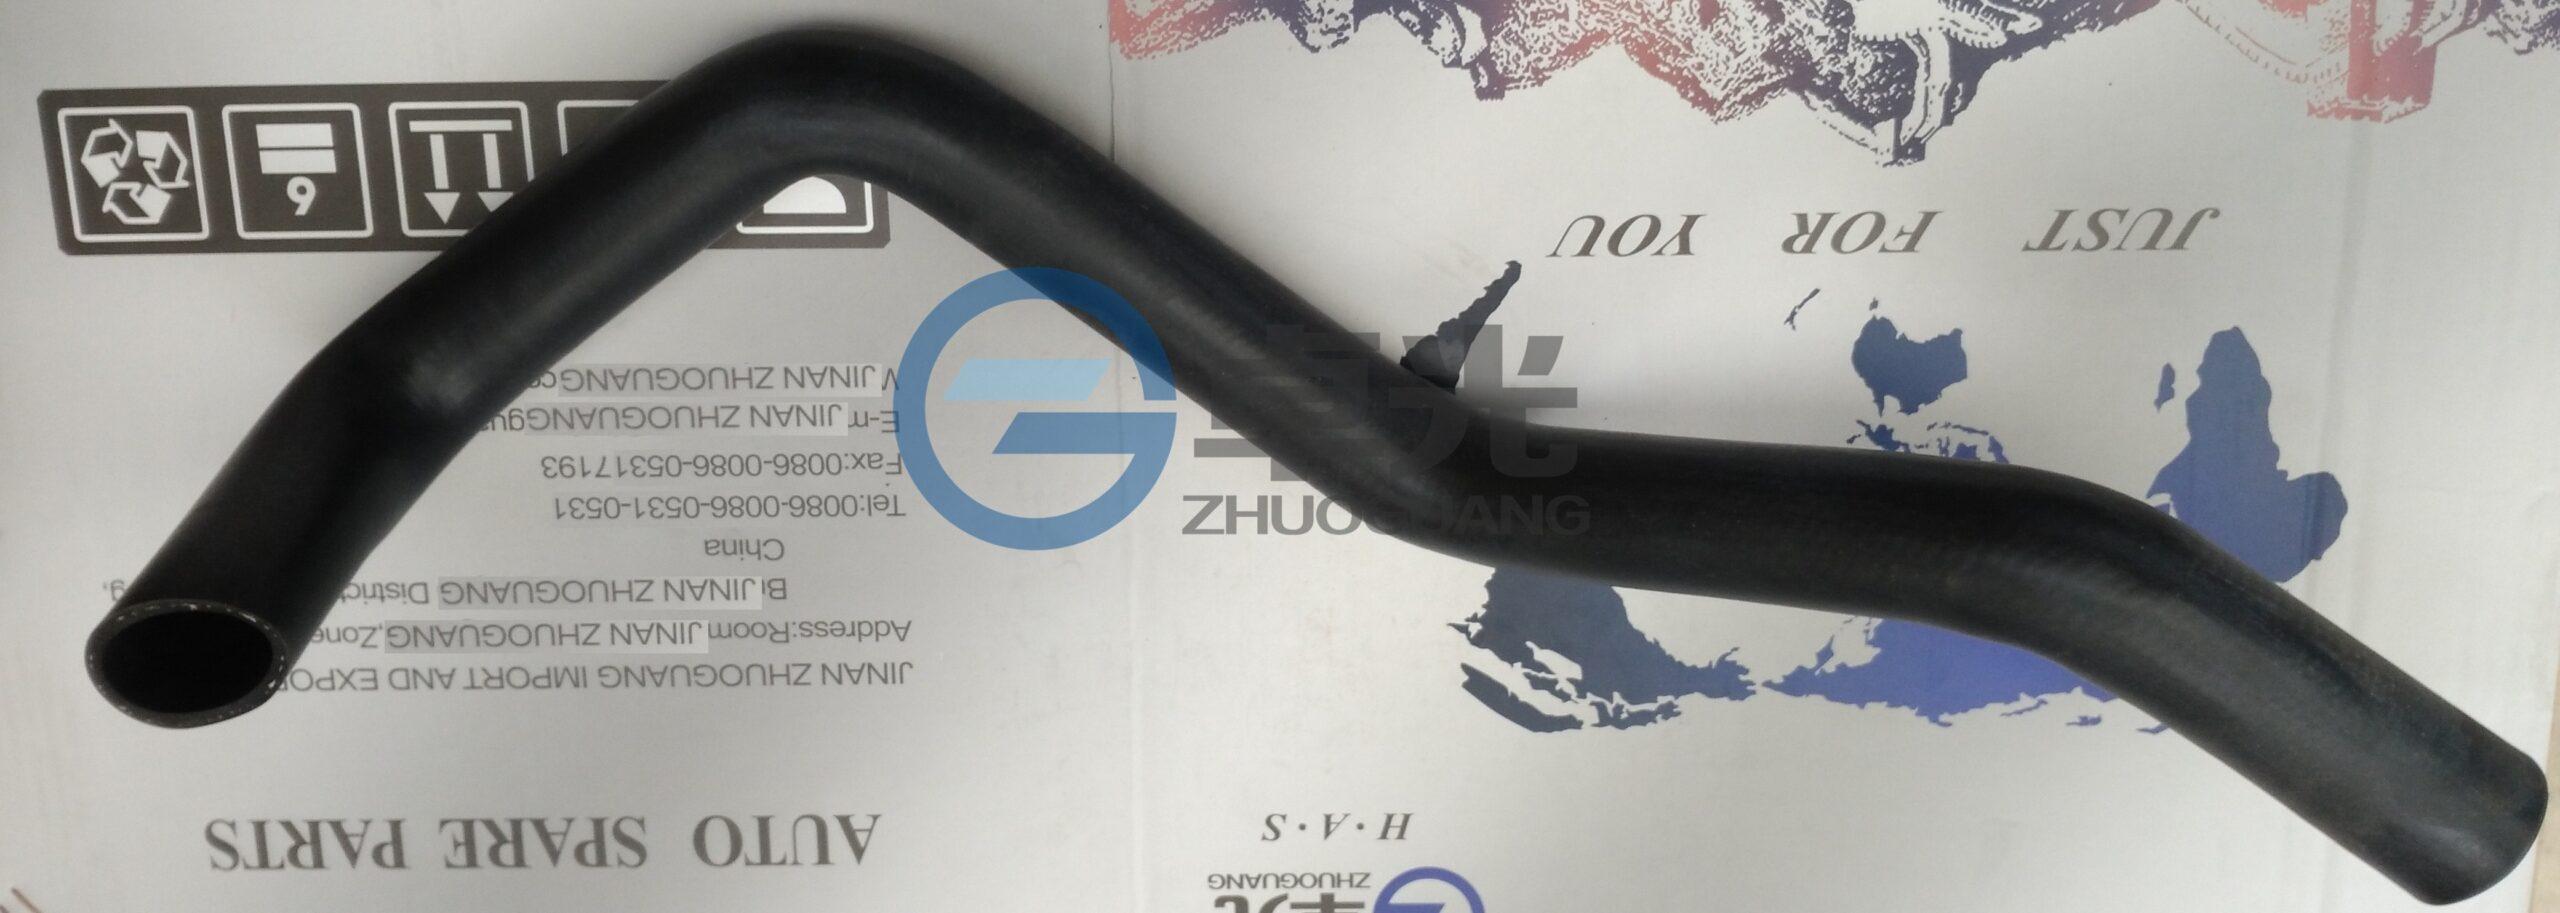 Патрубок радиатору нижній (відвідний) Gw Hover/ патрубок радиатора нижний-2084